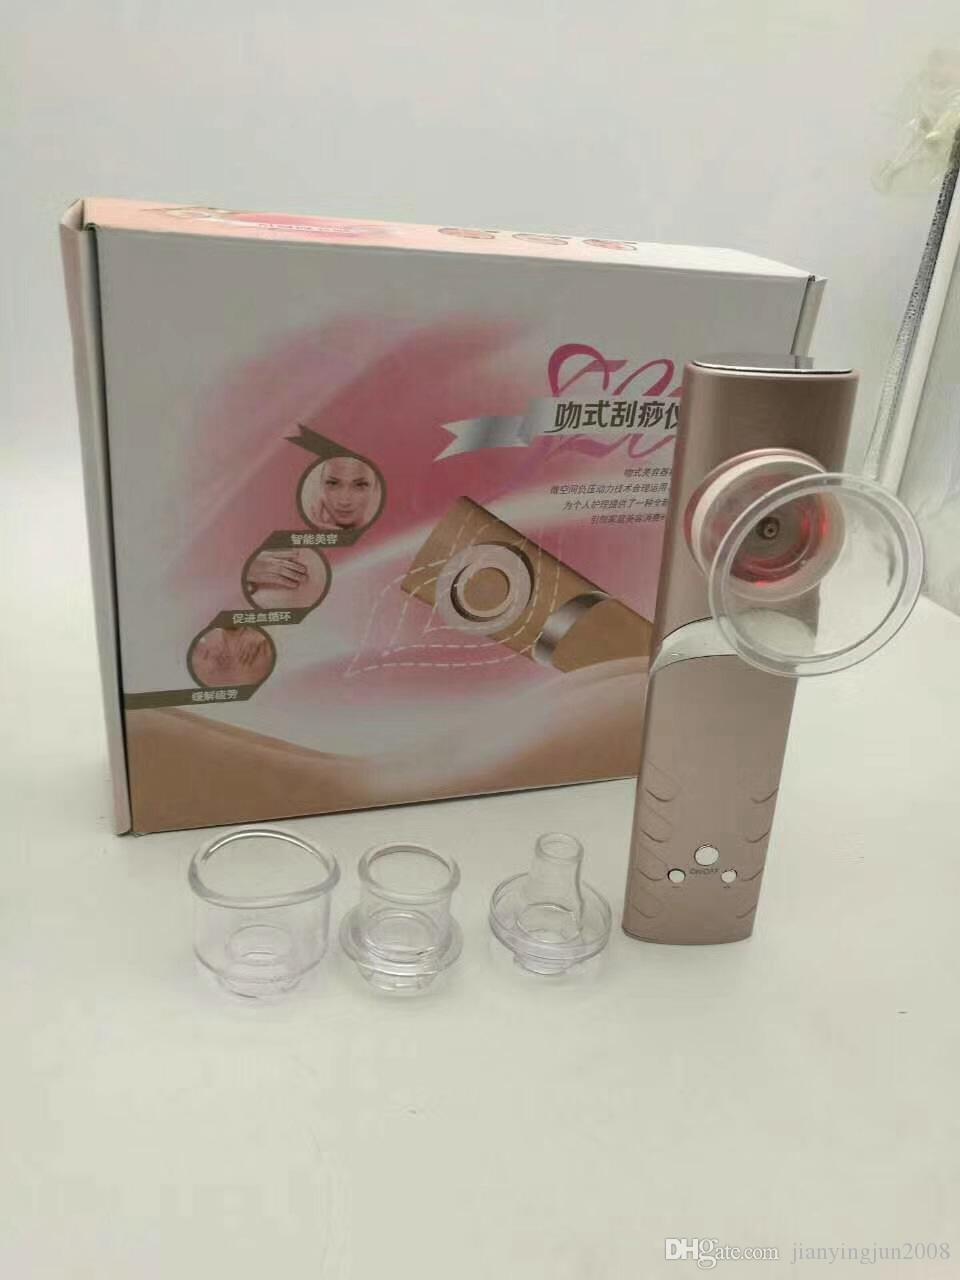 Neueste heiße Griff Vakuum Schröpfen Abnehmen Cellulite Loss Drainage Schönheit Haut Lifting-Gerät (4 Tipps Köpfe verfügbar) für den Heimgebrauch